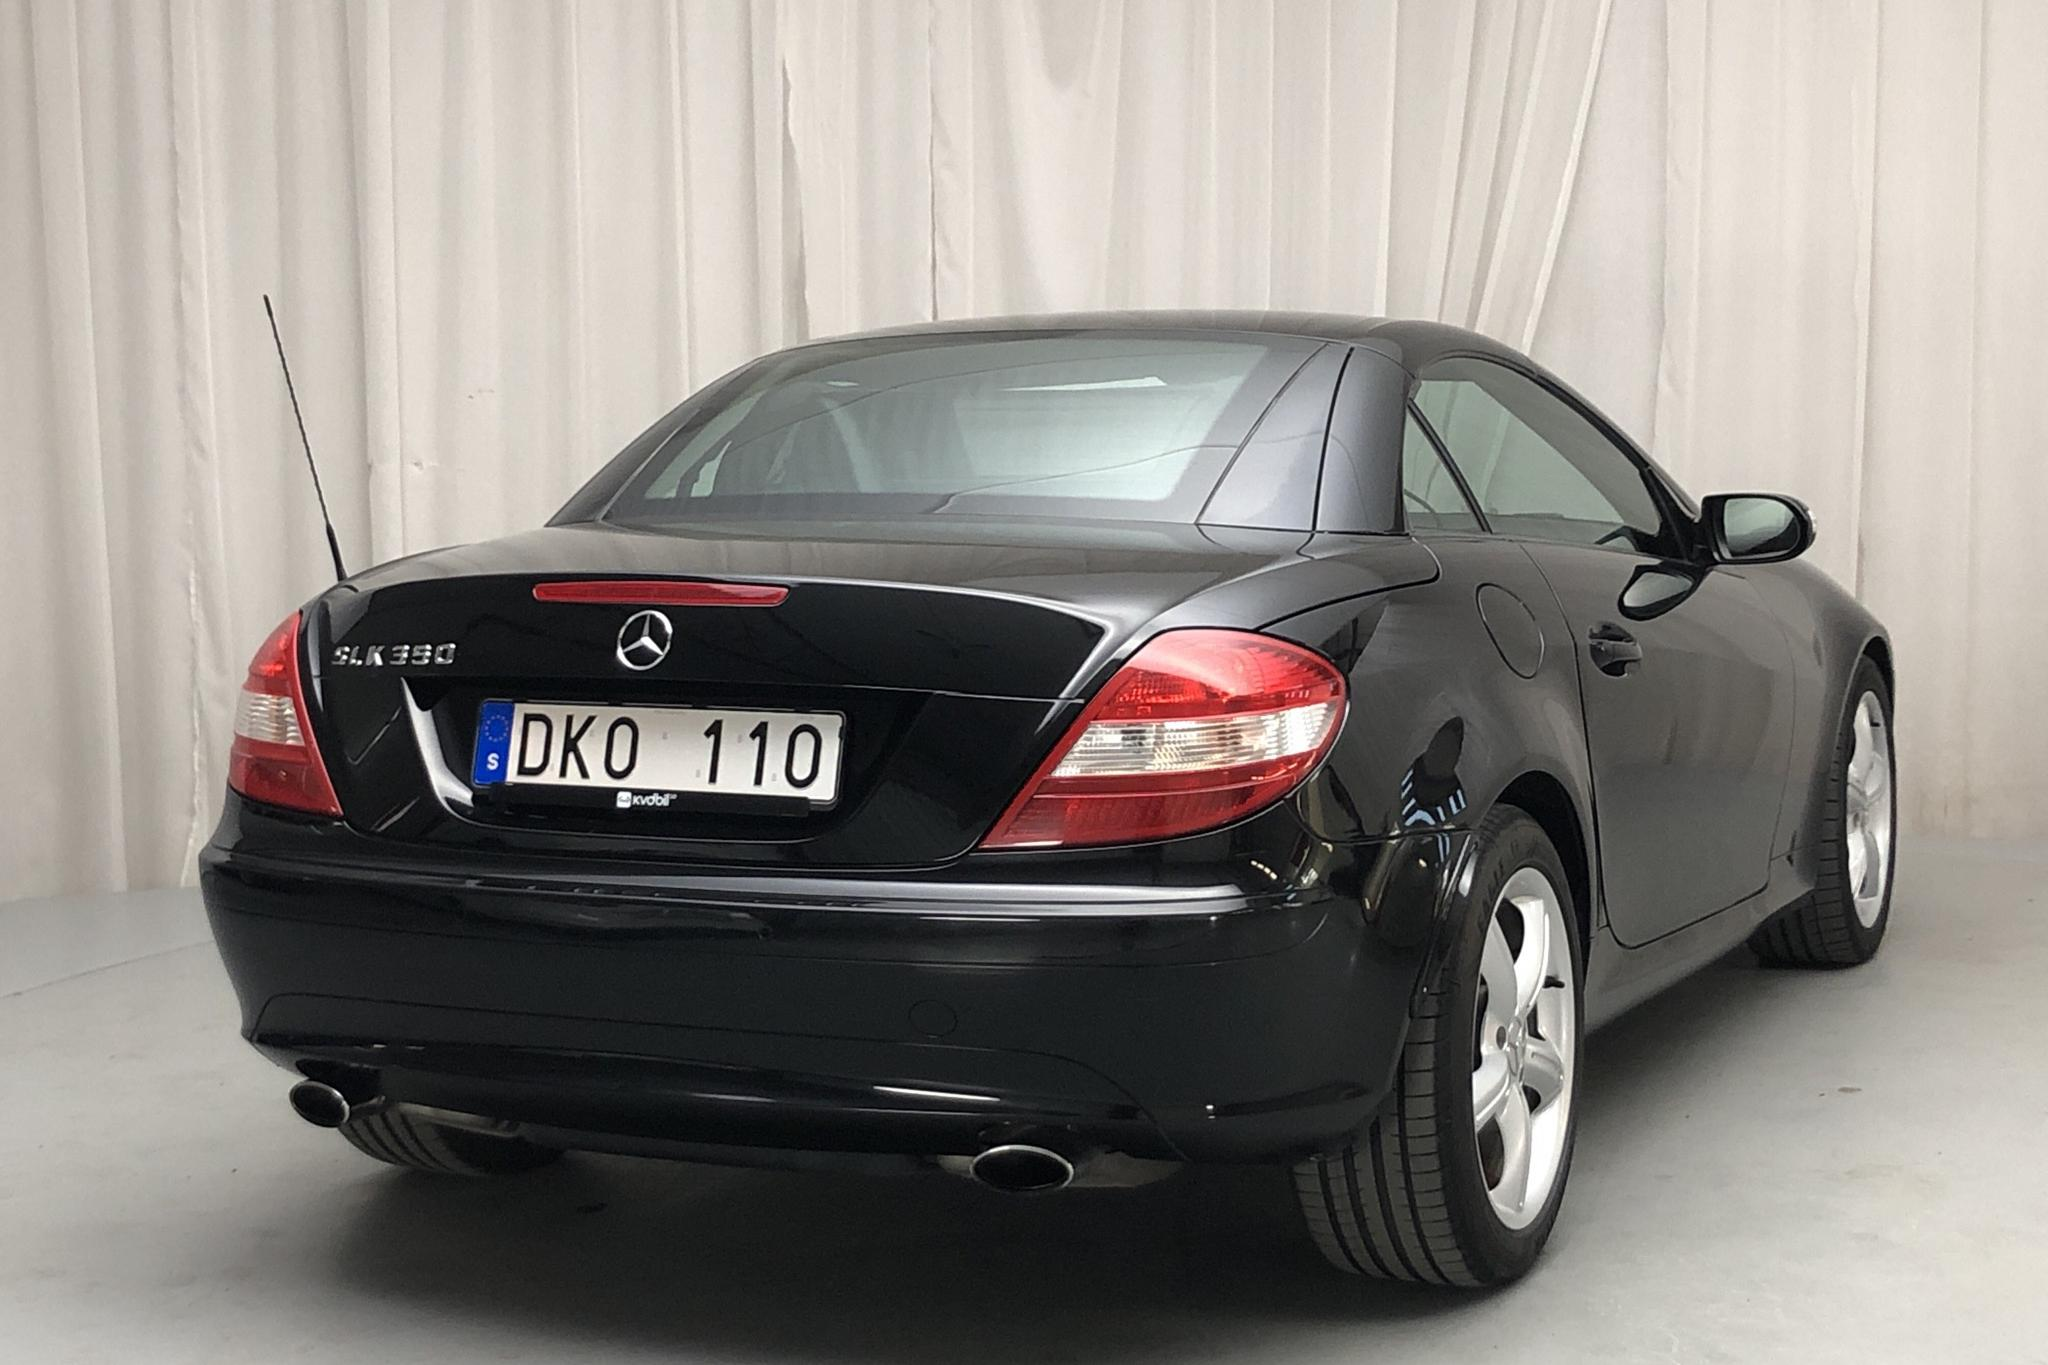 Mercedes SLK 350 R171 (272hk) - 14 742 mil - Automat - svart - 2005